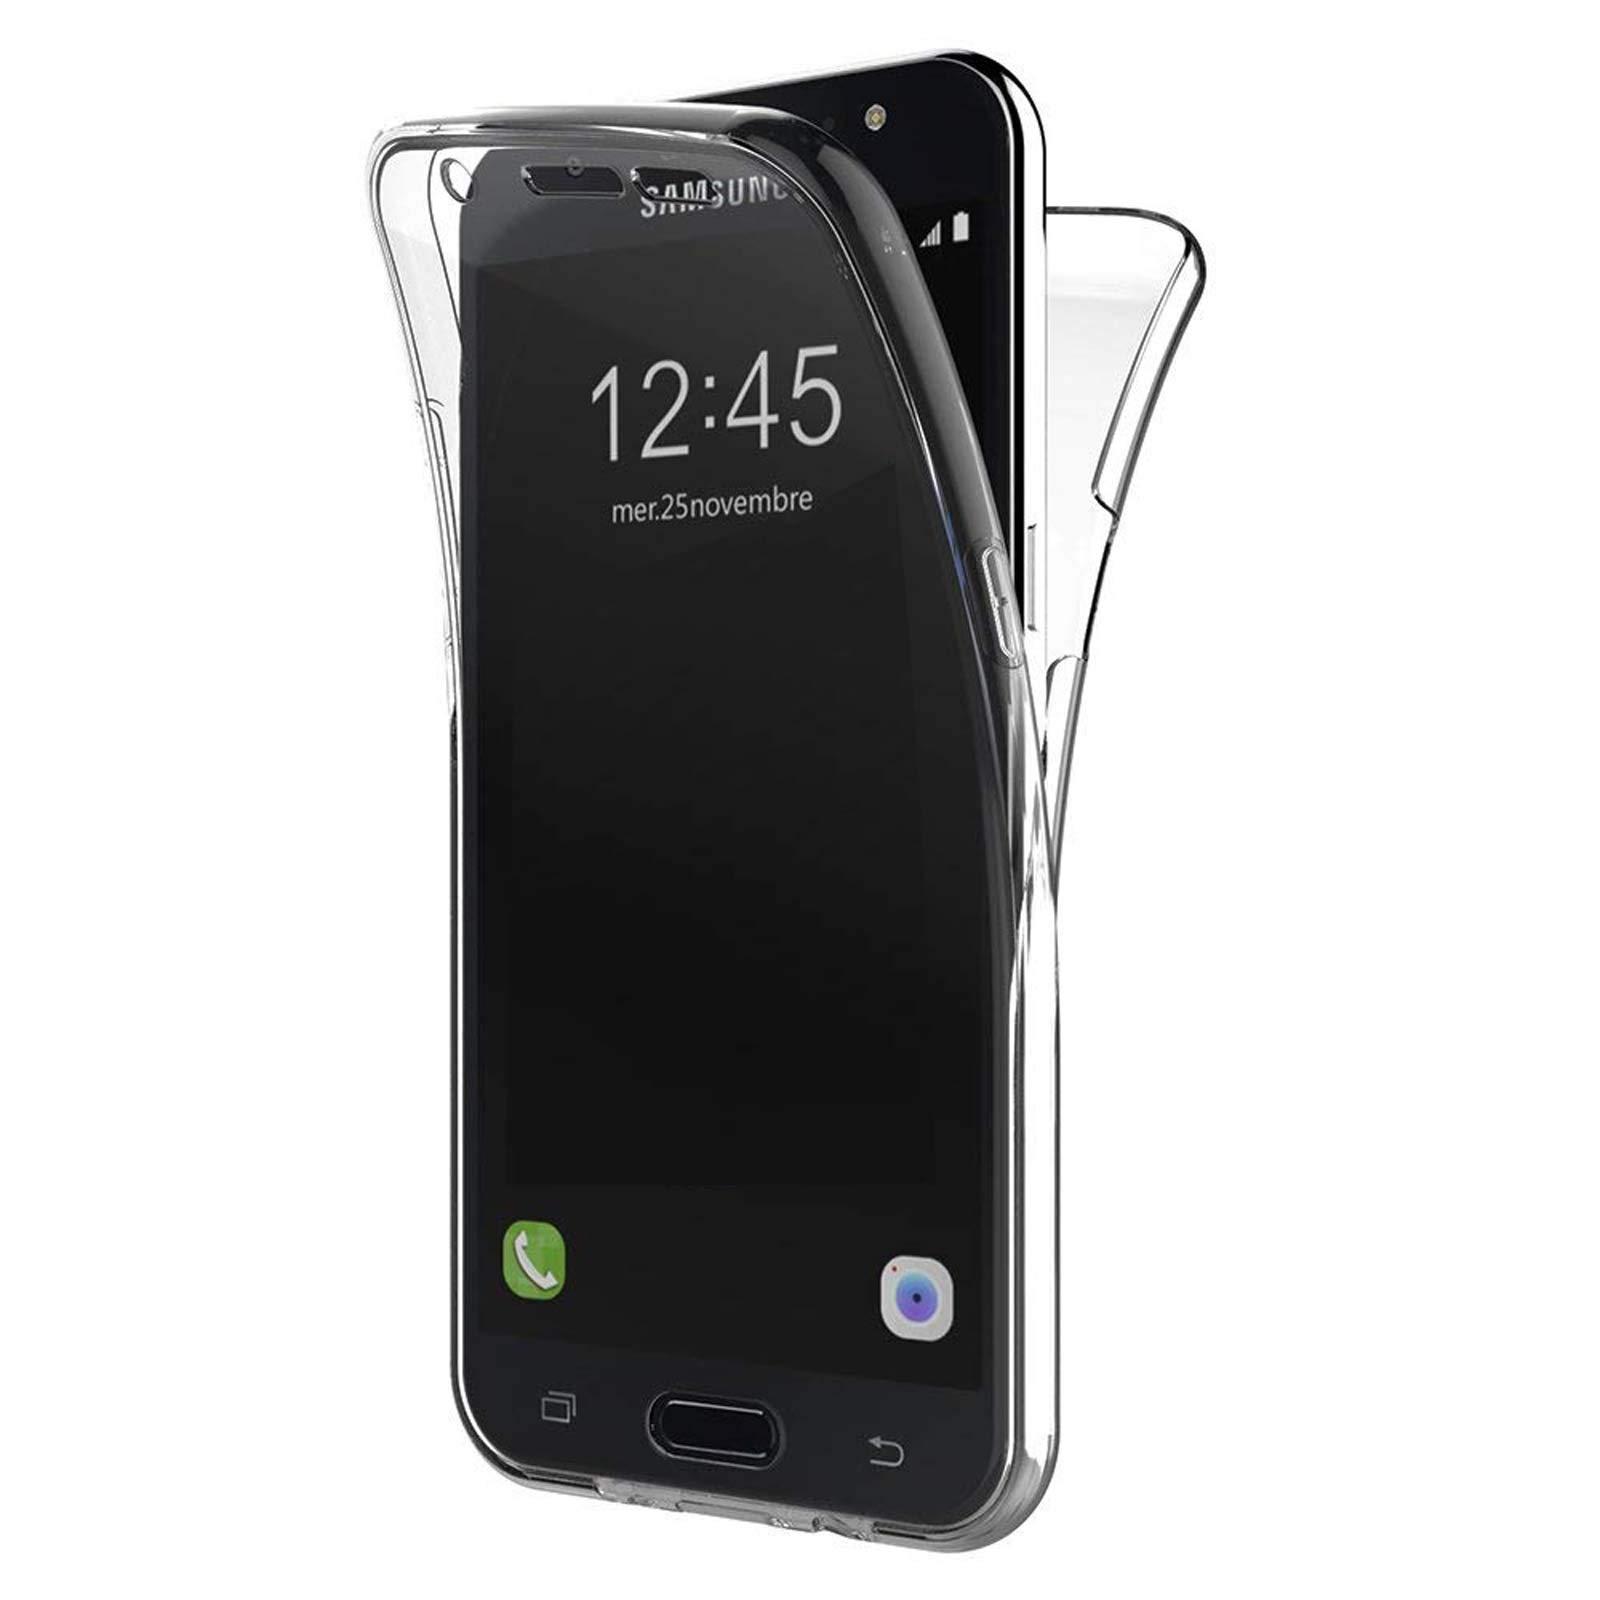 LINCIVIUS  Coque Samsung Galaxy J5 2016, Housse Galaxy J5 2016 Protection Souple TPU Full Cover 360 Housse Integrale Avant Et Arrière Etui Accessoires Ultra Fin Et Discret - Coloris Transparent